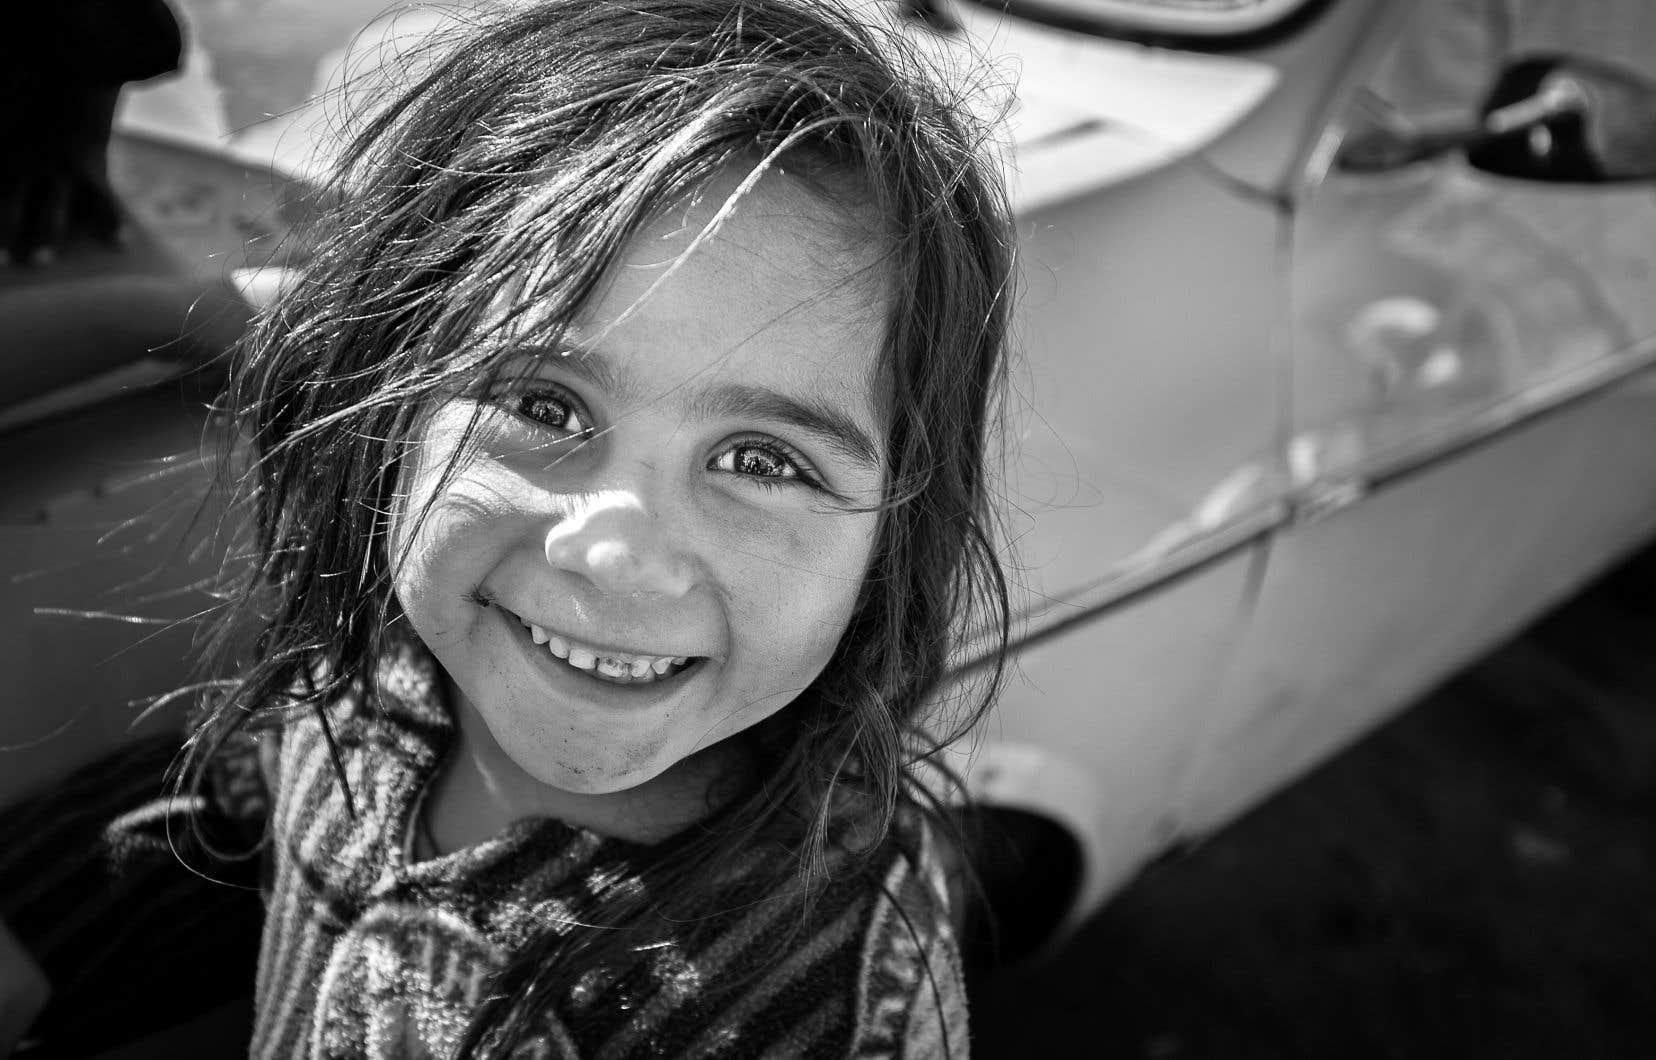 Gazal, enfant syrienne, fut photographiée en 2015 dans son camp de la région de l'Akkar, où elle vivait toujours en 2017 avec sa mère et sa plus jeune soeur. En deux ans, sa situation n'avait en rien changé. La jeune fille allait régulièrement suivre des cours dans une école de fortune mise sur pied par une ONG internationale, mais l'éducation offerte n'était évidemment pas suffisante, note le photographe